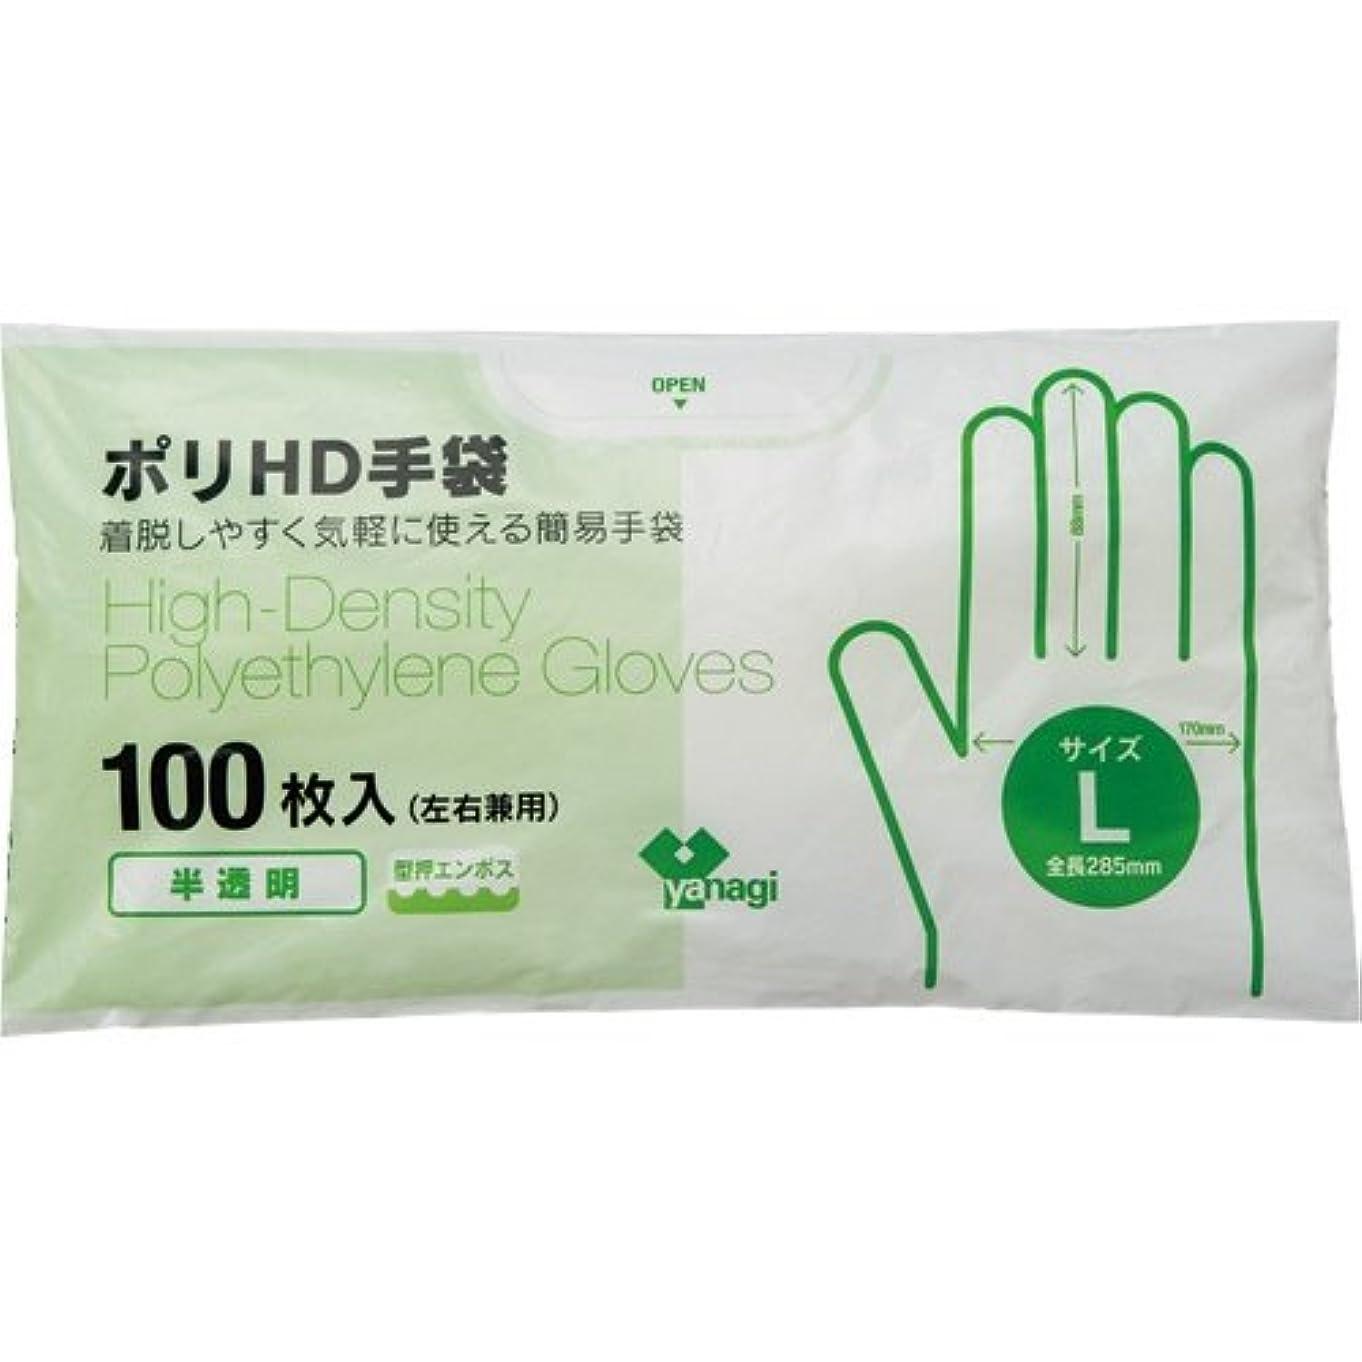 医療過誤ルールドループやなぎプロダクツ ポリHD手袋 半透明 L 1セット(1000枚:100枚×10パック)